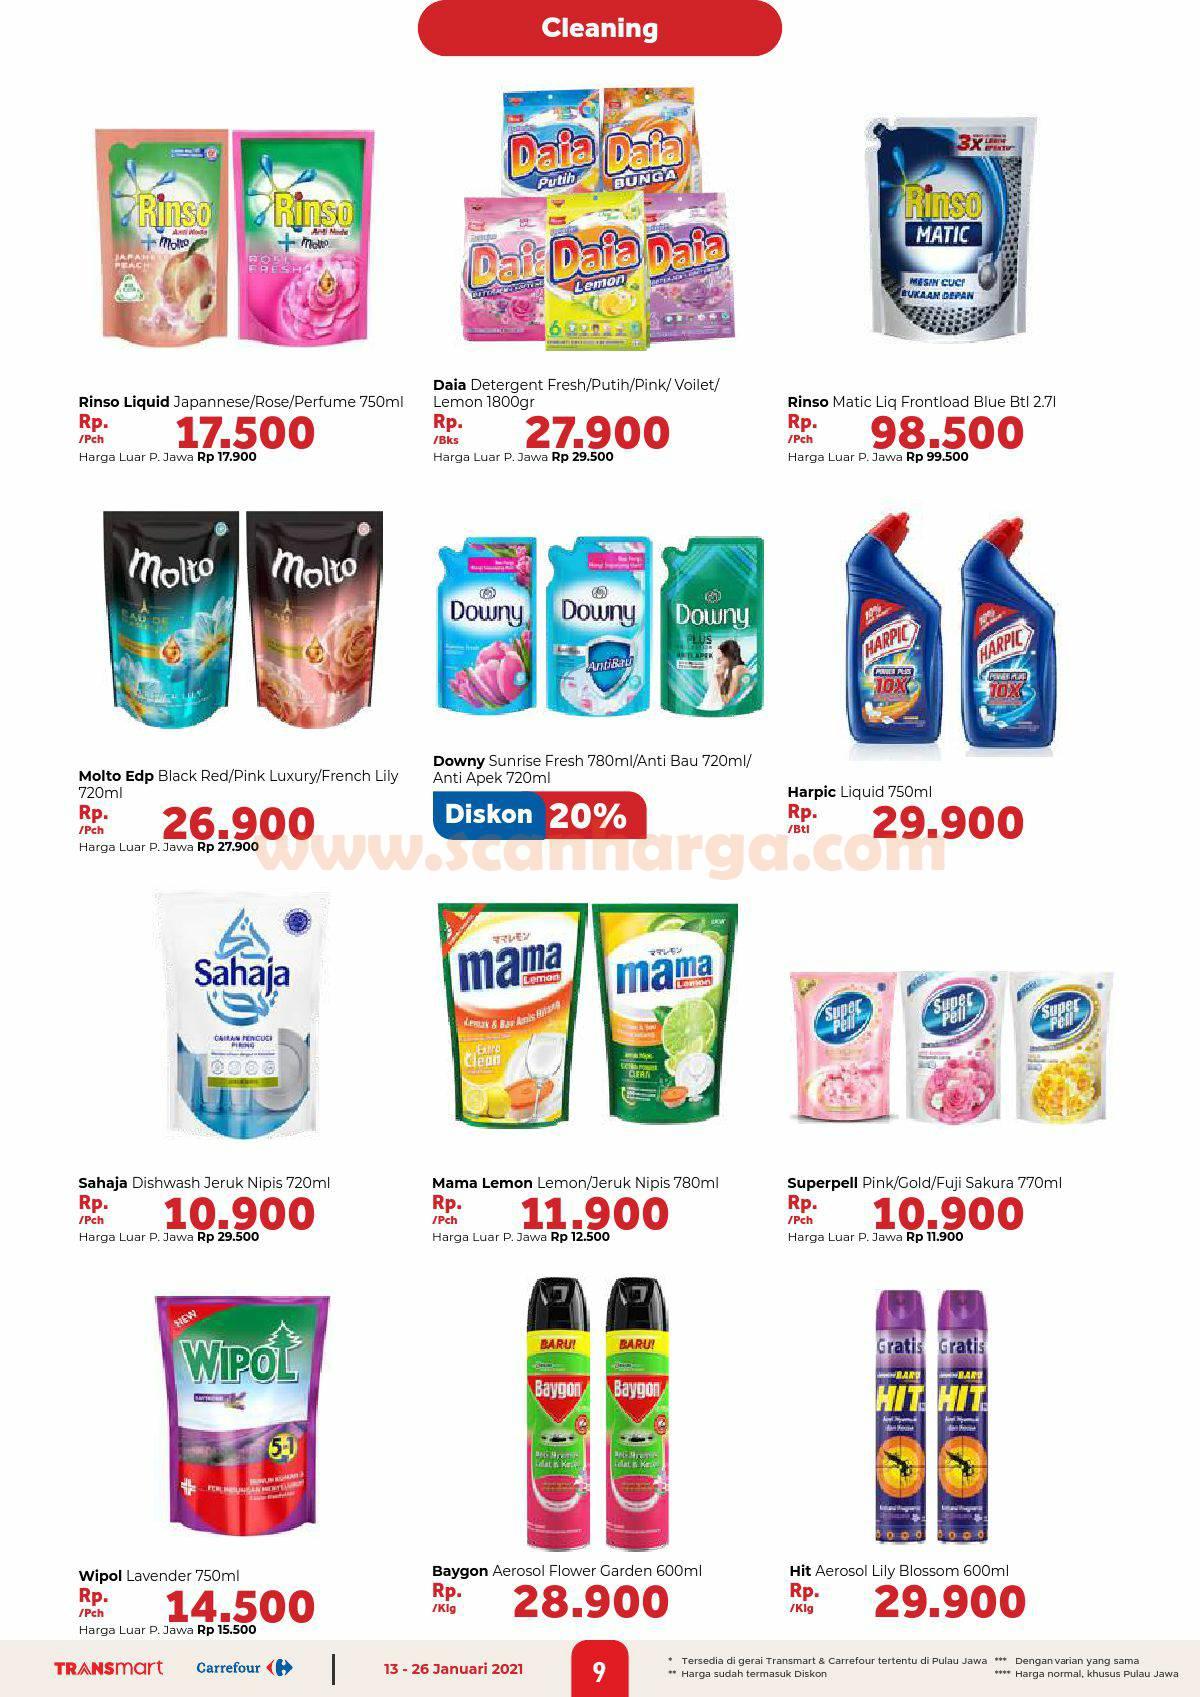 Katalog Promo Carrefour Transmart 13 - 26 Januari 2021 9